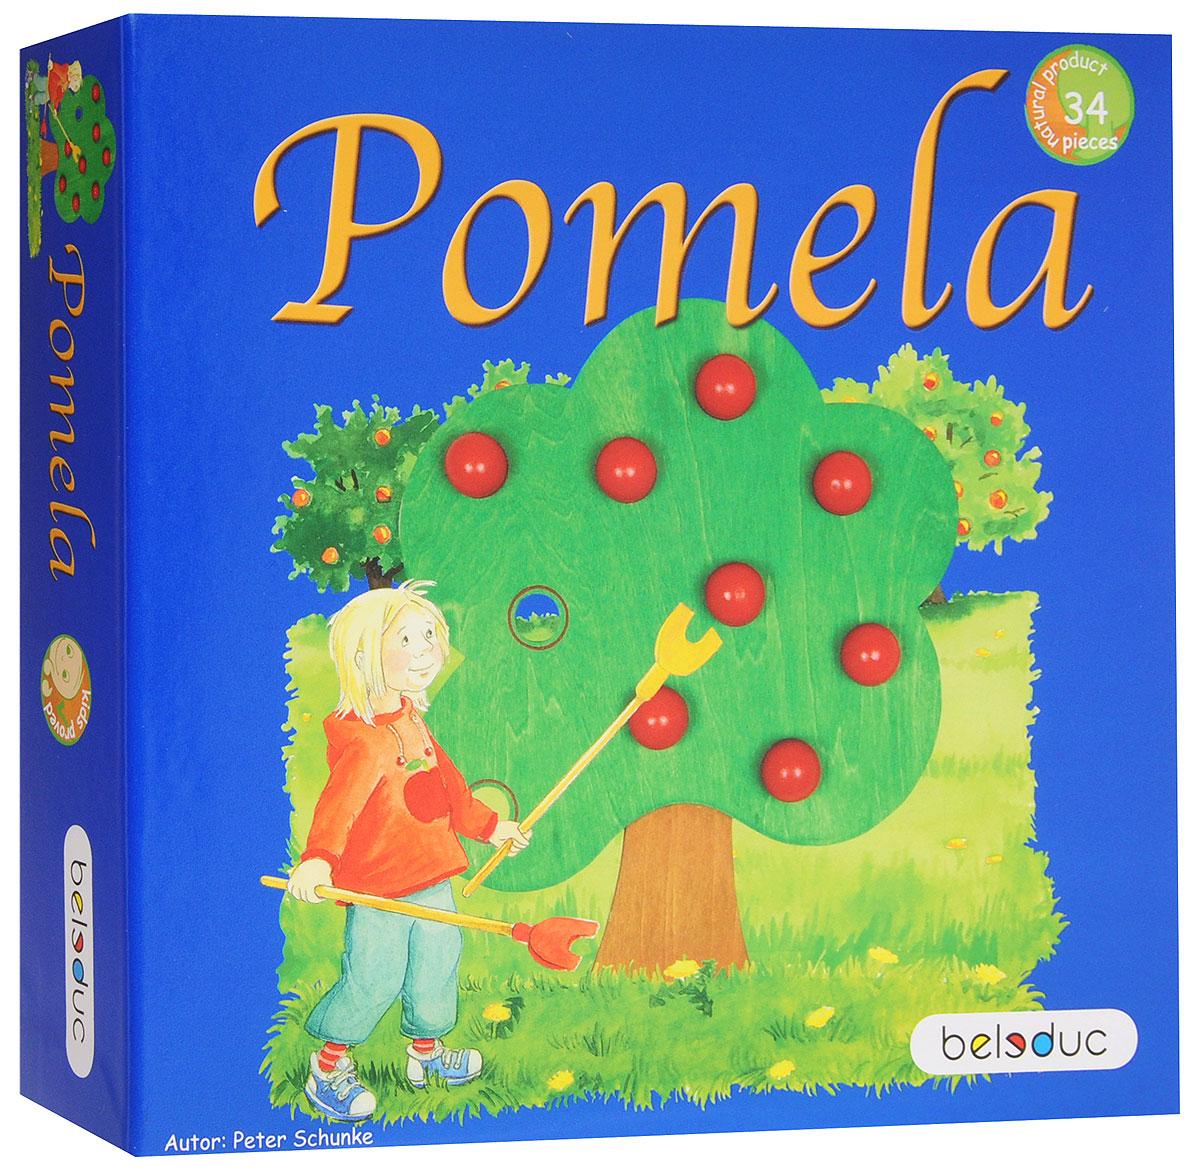 Beleduc Обучающая игра Помела22384Обучающая игра Beleduc Помела - это отличное увлечение для детей в возрасте от 4 лет. Сегодня Ким и Энди должны встать очень рано, ведь они вместе со своим дедушкой пойдут на широкий луг на краю деревни. Там растет множество фруктовых деревьев, и , поскольку яблоки за последние несколько дней приобрели темно-красный переливающийся цвет, они созрели для сбора. Дедушка обещал сварить детям вкуснейшее варенье, если они соберут много яблок. Правила игры состоят в том, что игроки собирают яблочки в корзинку с помощью специальных палочек, далее необходимо собрать как можно больше яблок, пока бегут песочные часы. По истечение времени игрок подсчитывает урожай и получает фишки. Победит тот, у кого в конце игры окажется наибольшее количество фишек. Развивающая игра от Beleduc Помела вызовет восторг у вашего ребенка, но и поможет ему развиваться и тренировать мелкую моторику, зрительно-тактильное восприятие, воображение.